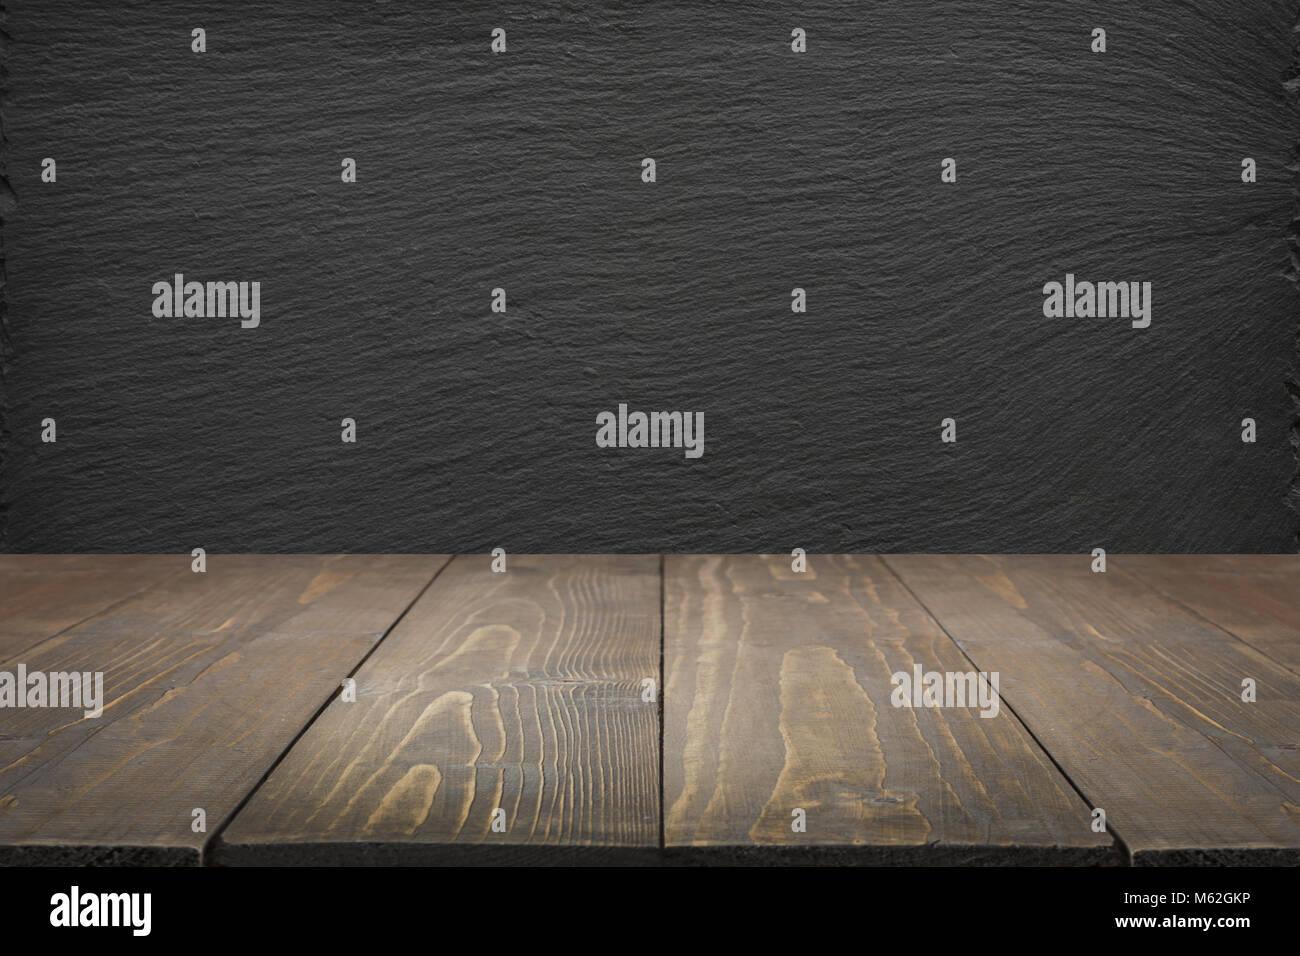 Résumé fond cuisine. Table en bois vide et noir tableau ardoise pour ...